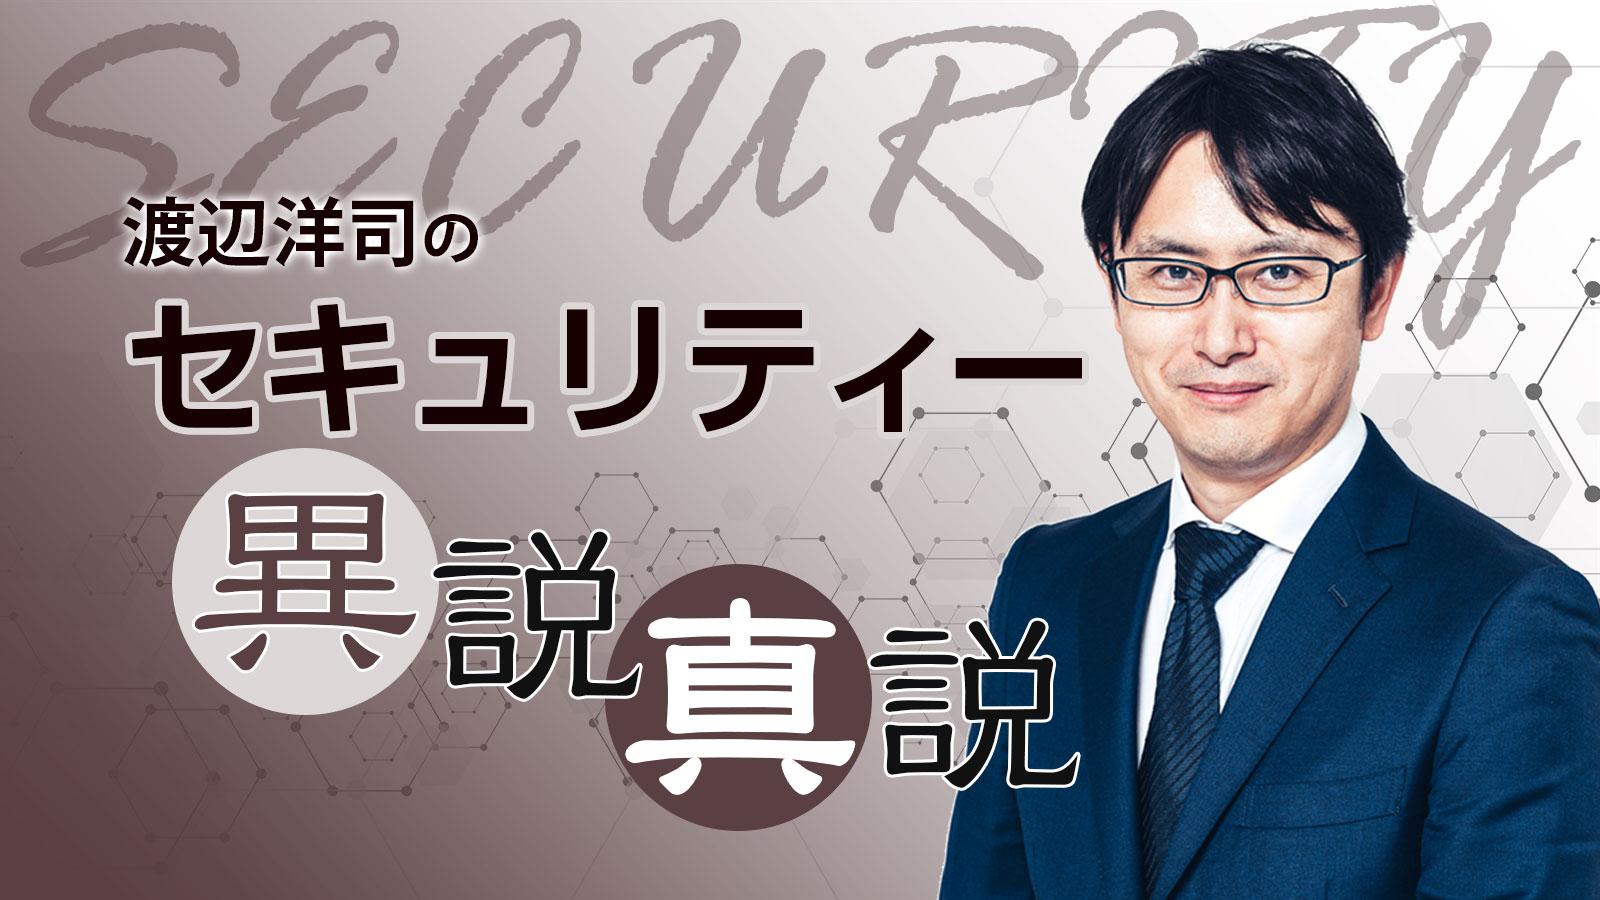 そのサイバー攻撃は誰がやったか、日本の「アトリビューション」に必要なもの